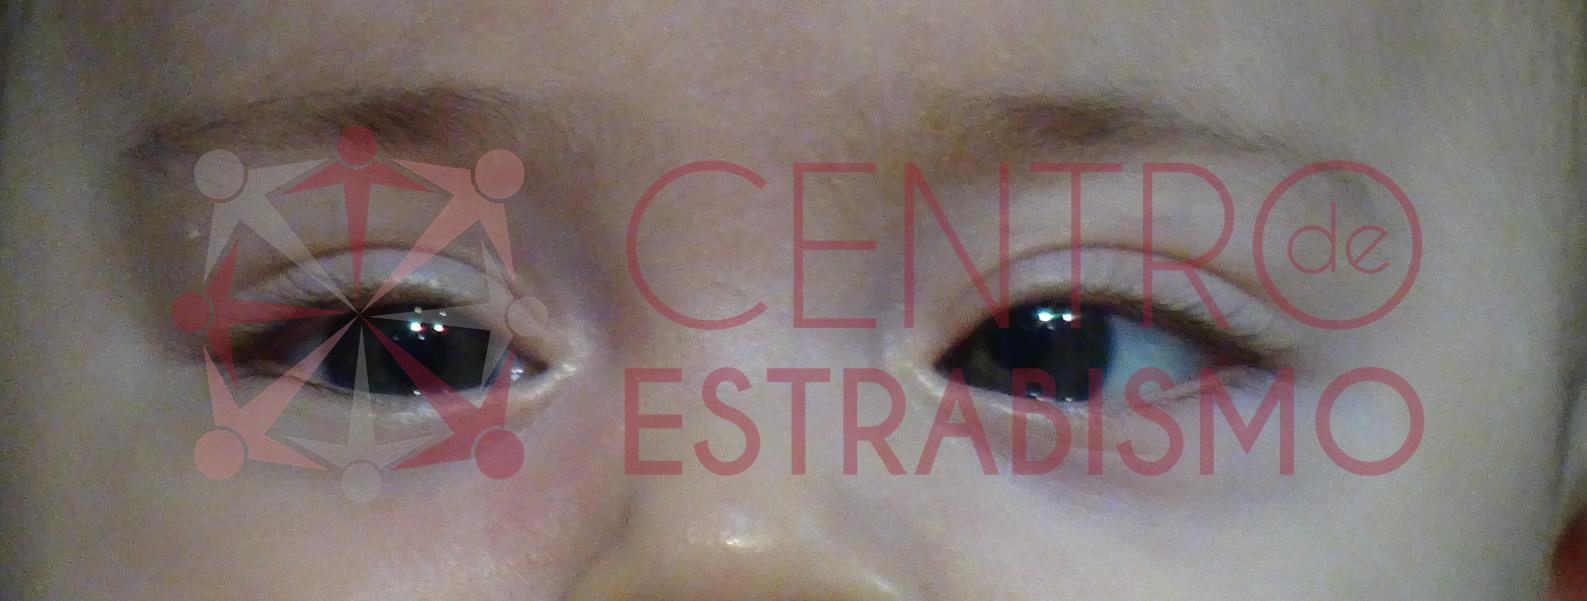 bebe de 2 meses que desvía su ojo izquierdo hacia adentro